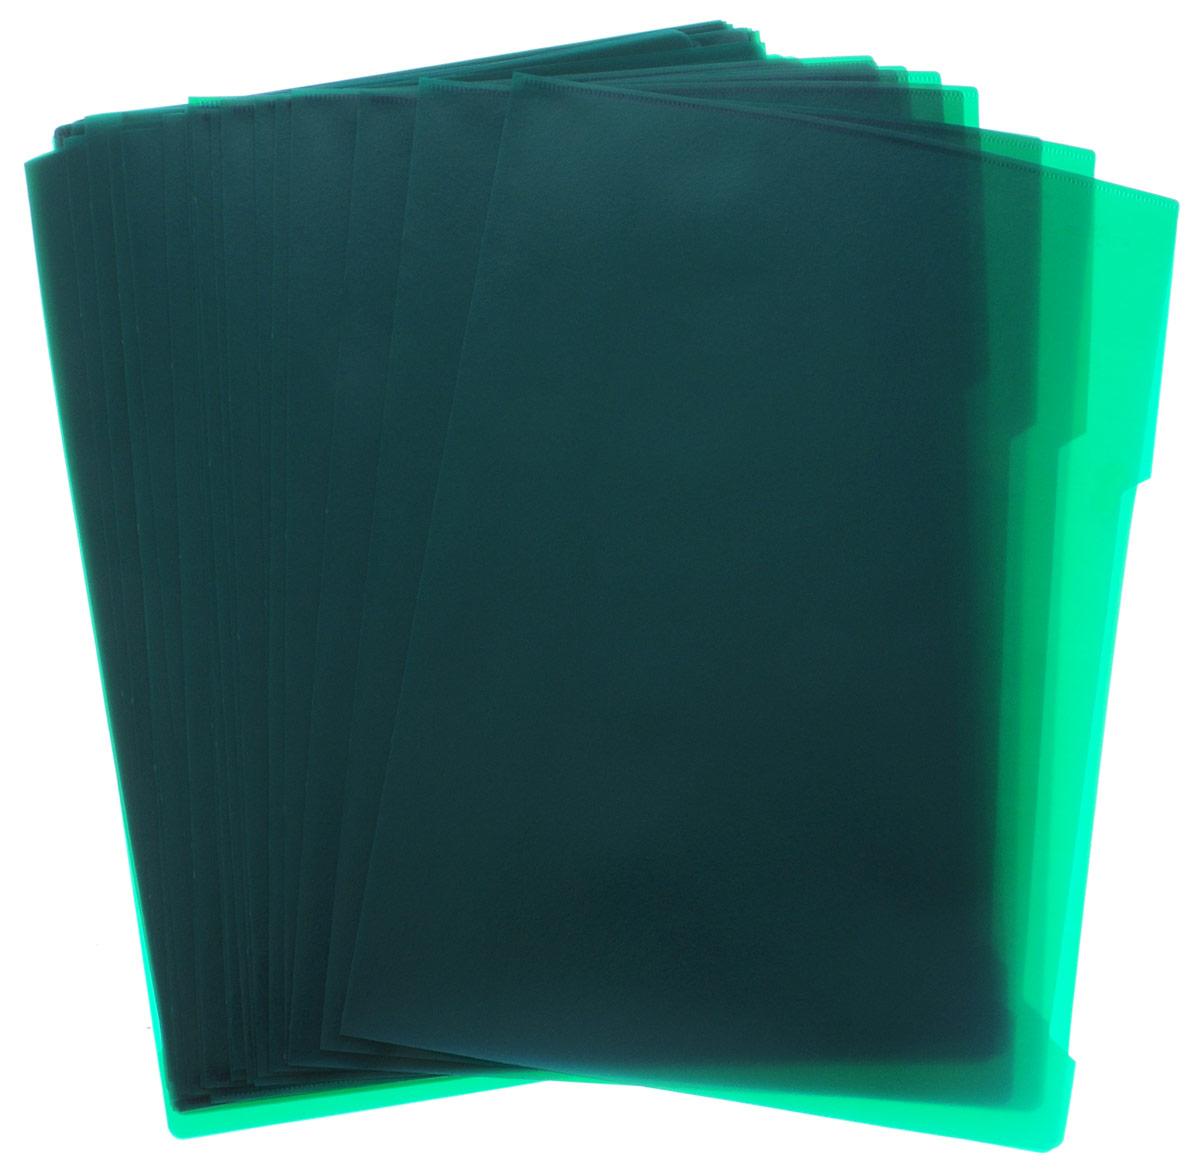 Durable Папка-уголок цвет зеленый 50 шт2312-05Папка-уголок Durable изготовлена из высококачественного полипропилена. Это удобный и практичный офисный инструмент, предназначенный для хранения и транспортировки рабочих бумаг и документов формата А4. Папка оснащена выемкой для перелистывания листов. В наборе - 50 папок зеленого цвета.Папка-уголок - это незаменимый атрибут для студента, школьника, офисного работника. Такая папка надежно сохранит ваши документы и сбережет их от повреждений, пыли и влаги.